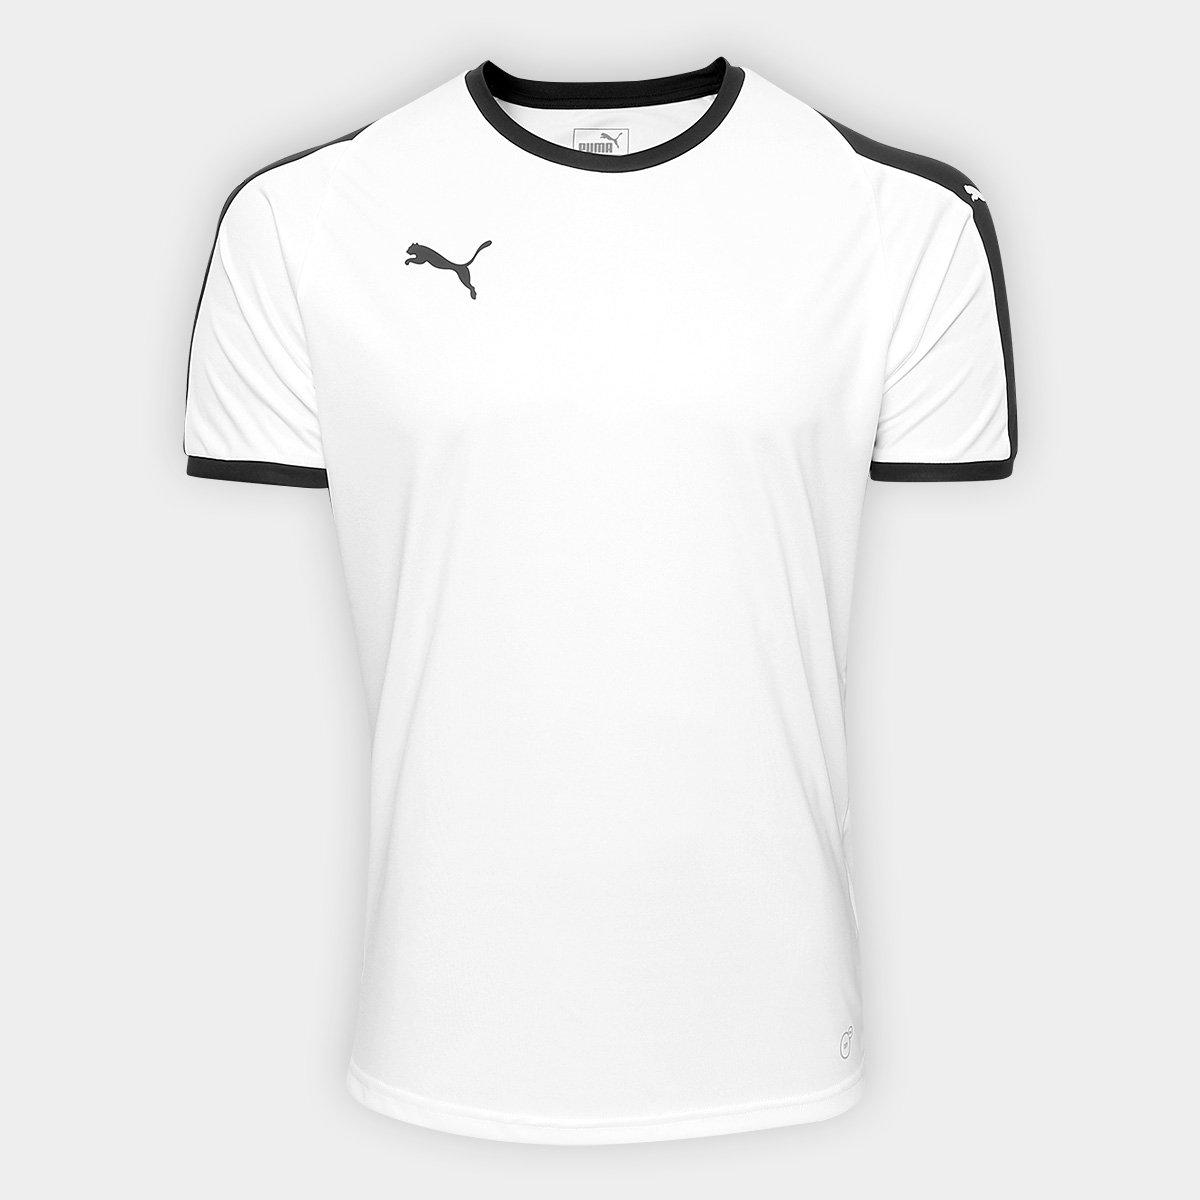 Camisa Puma Liga Jersey Masculina - Branco e Preto - Compre Agora ... acf63ffe1a80